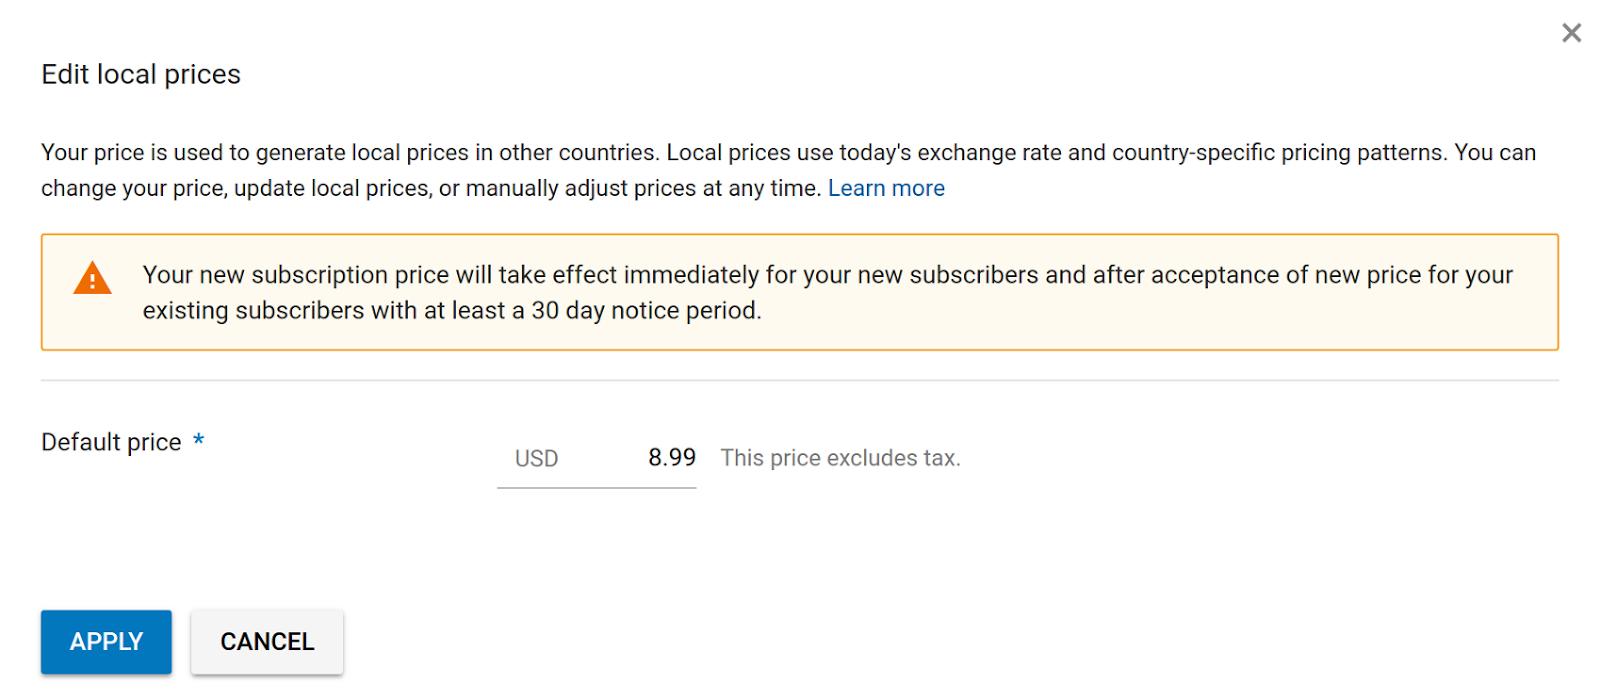 当您修改订阅价格时,系统会显示一条警告